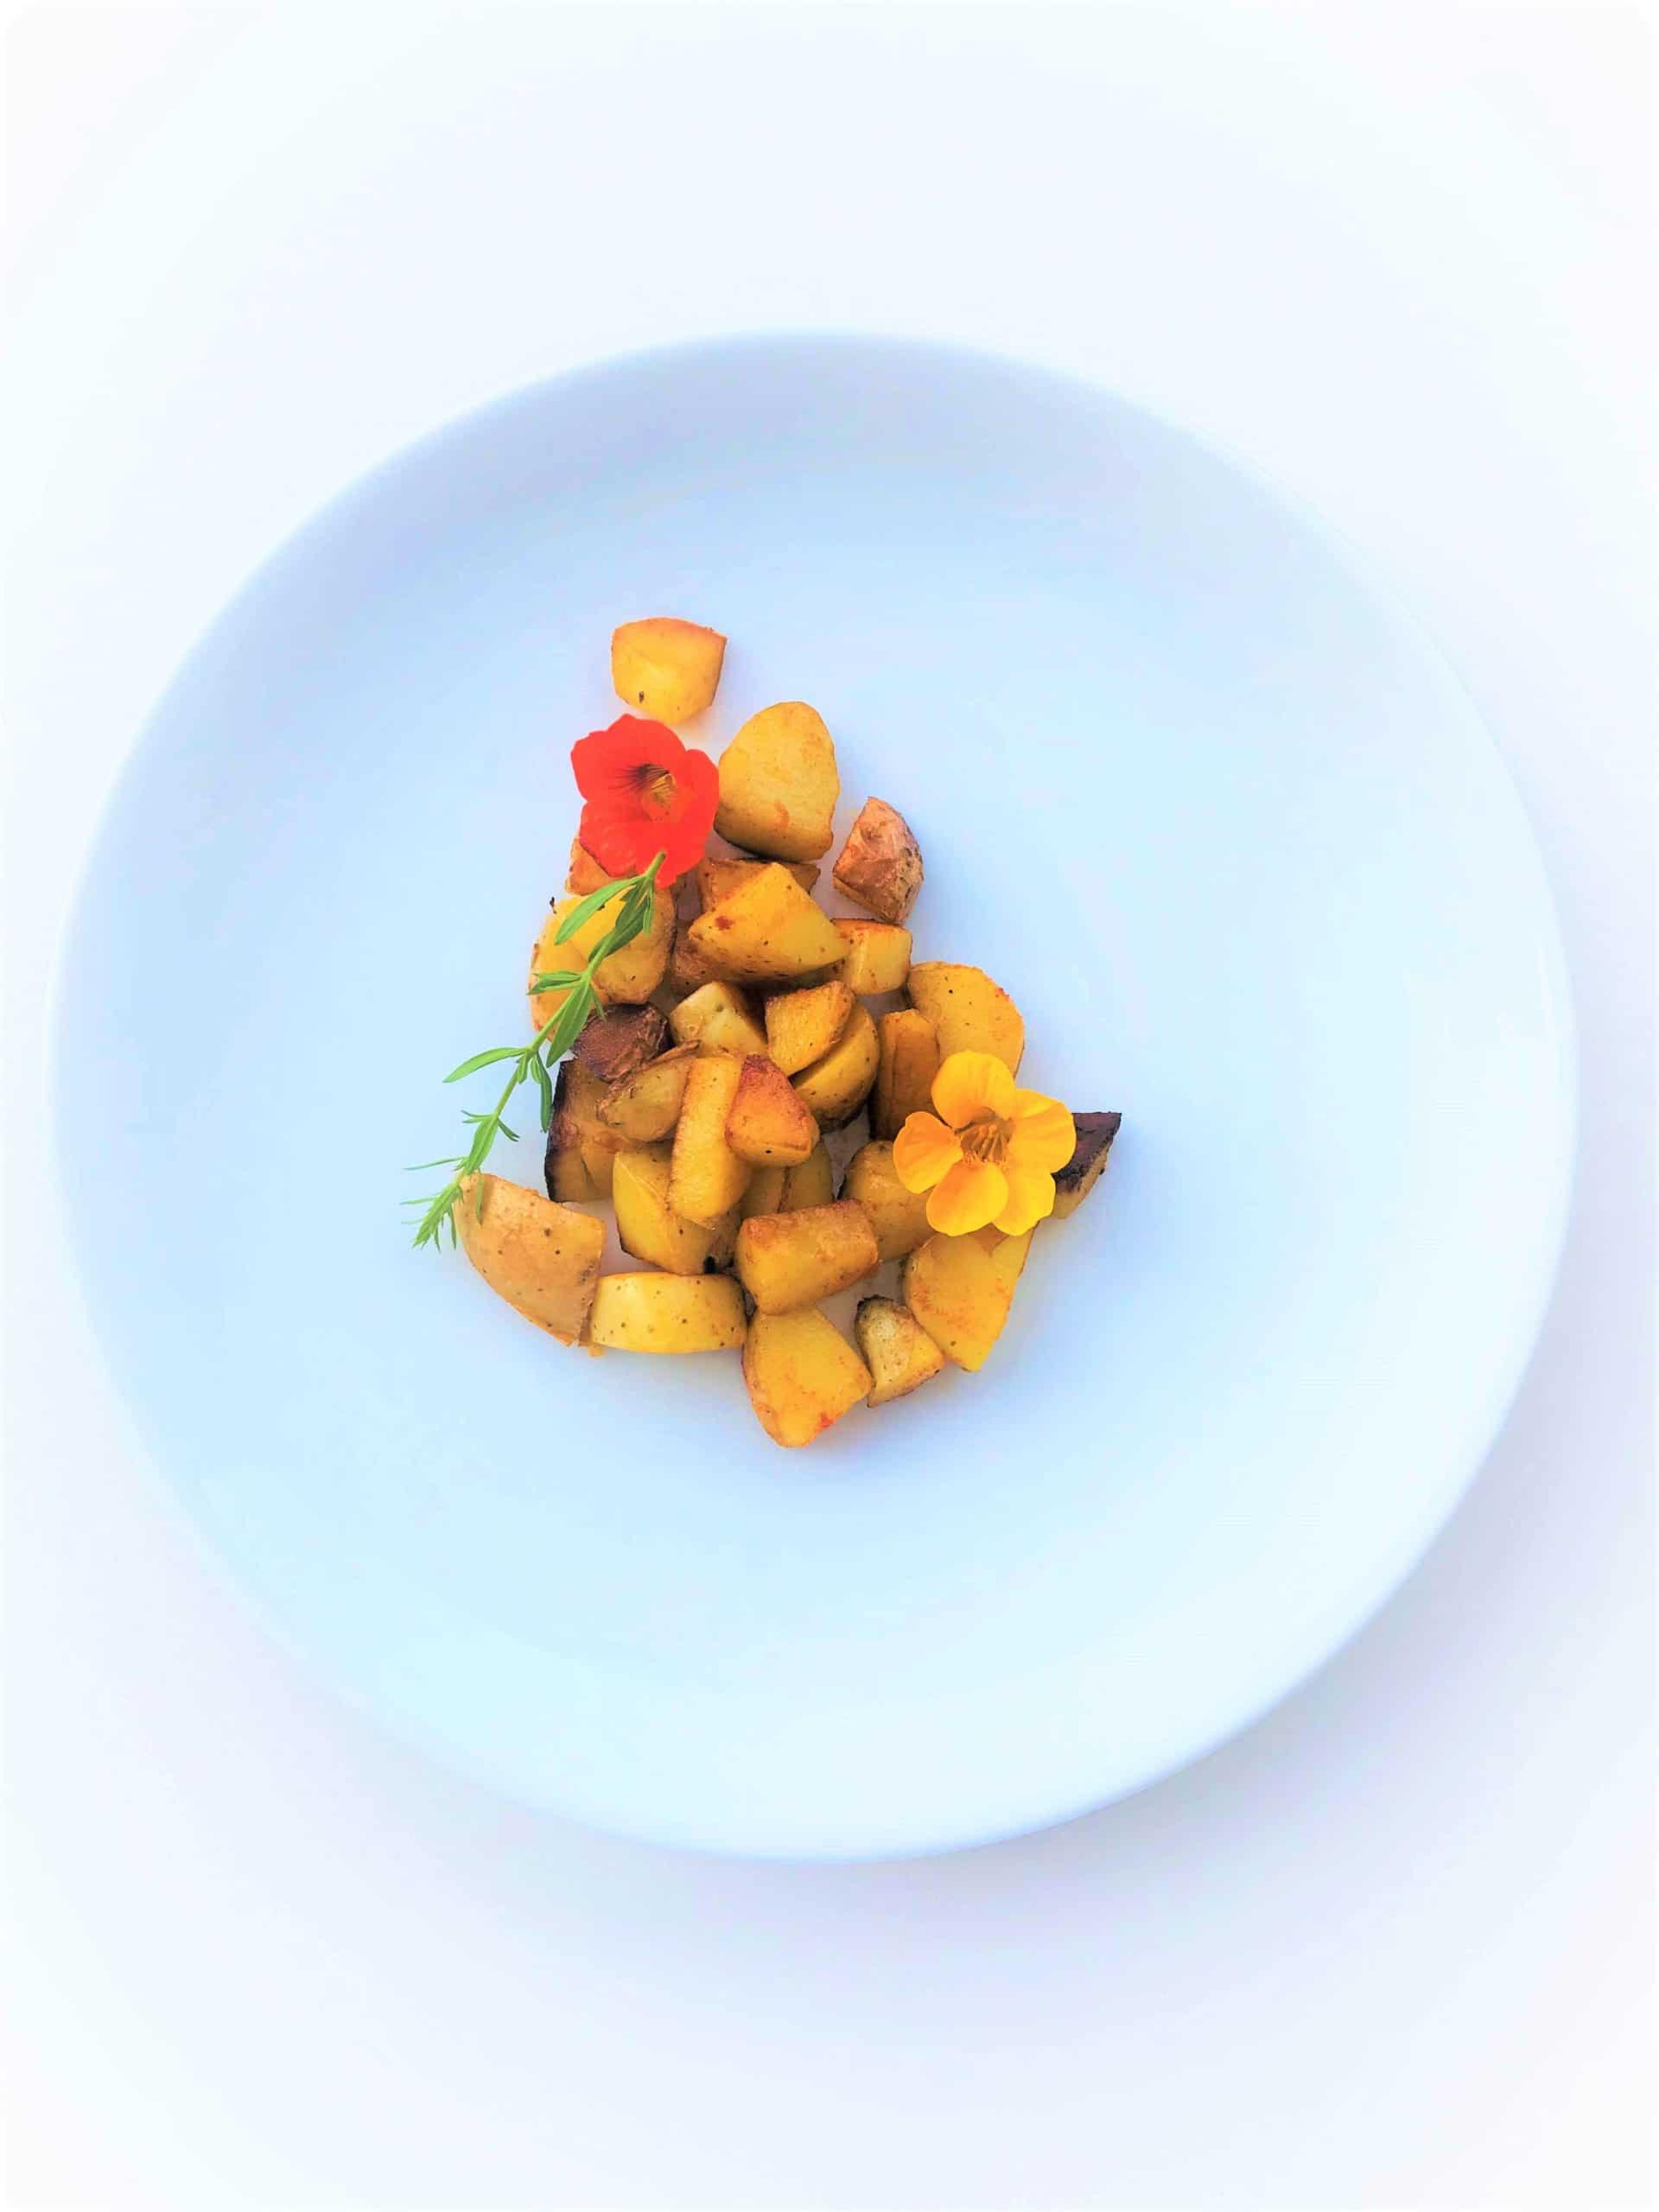 bewusstes kochen – Flexitarisch